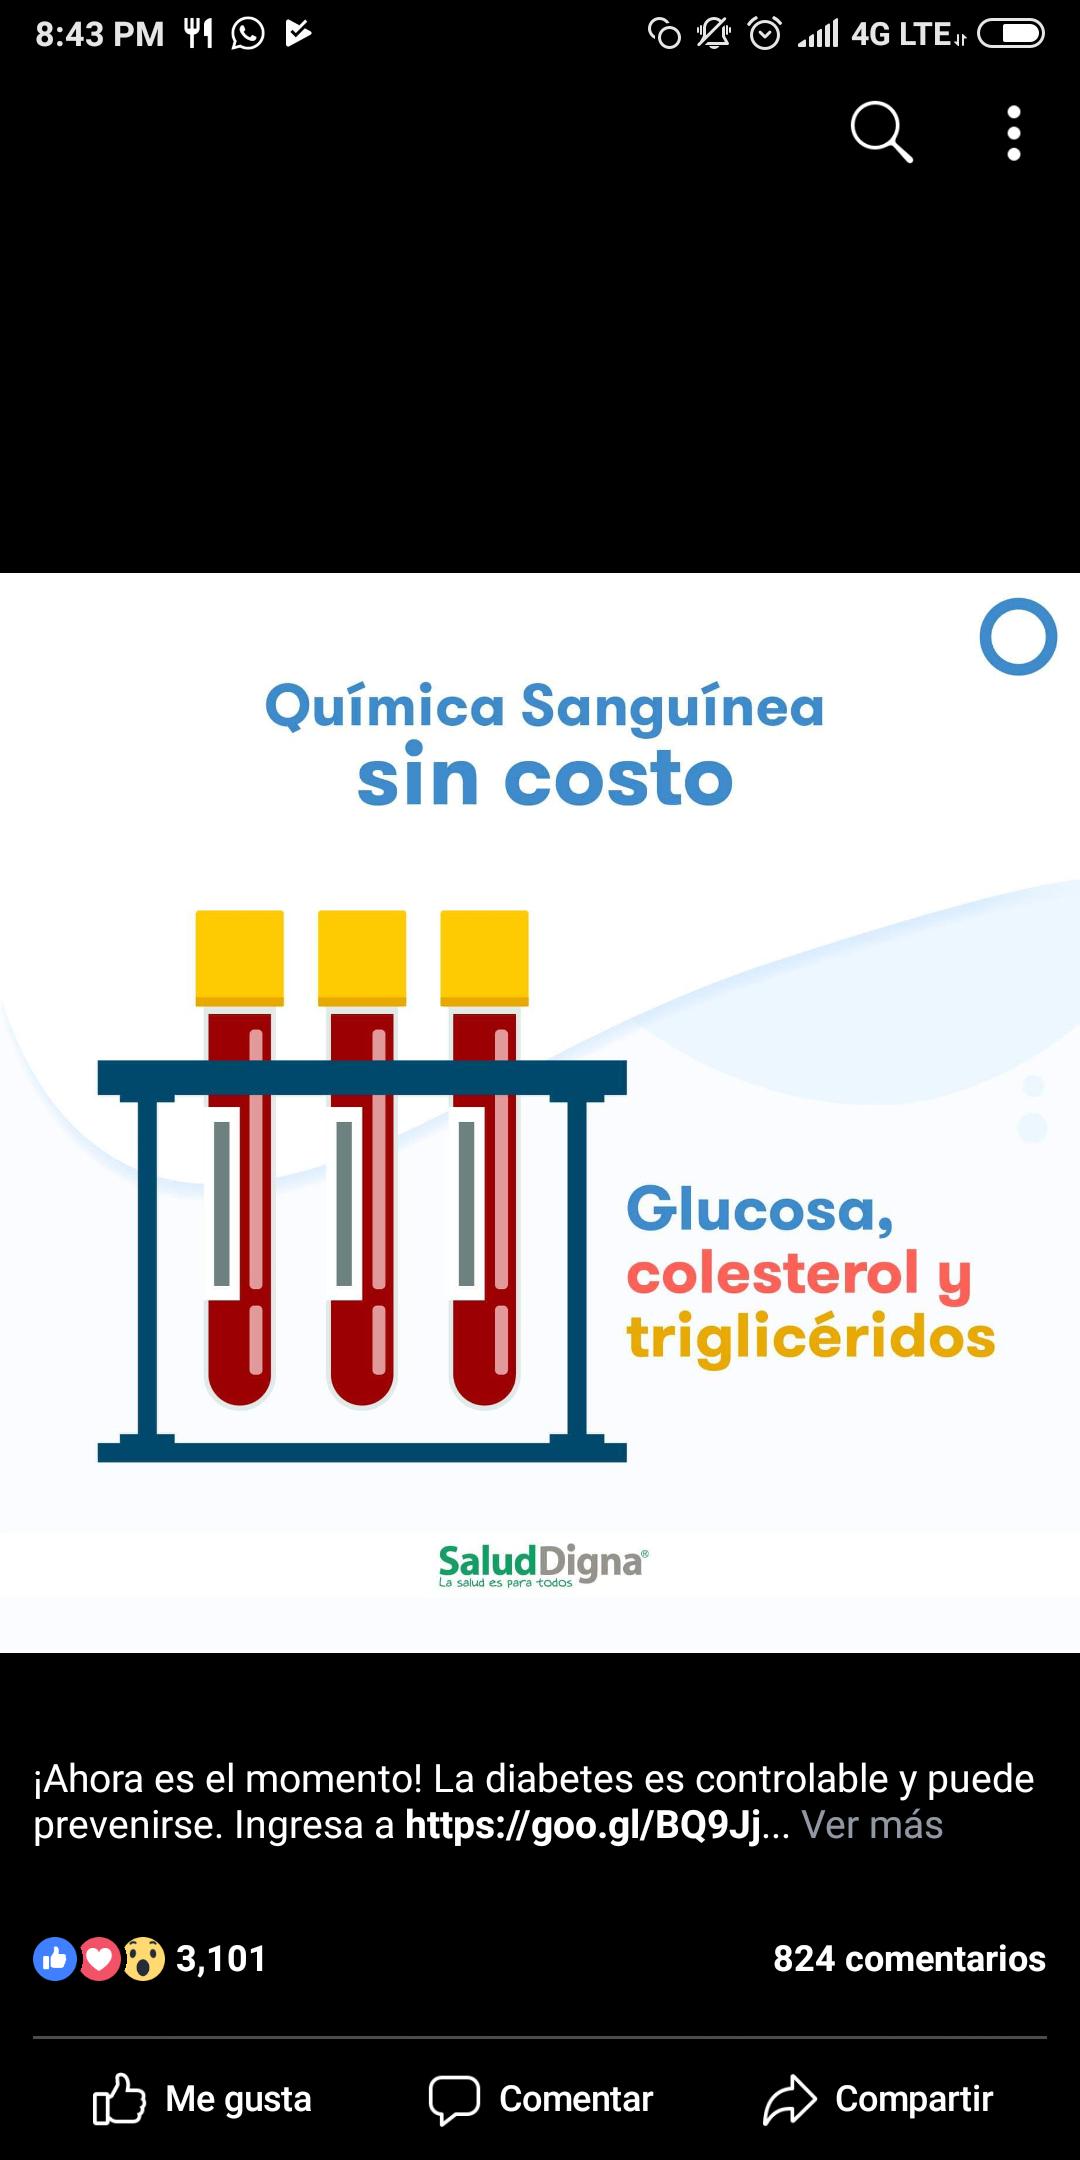 """Clínica Salud digna: Análisis médicos de glucosa/colesterol y triglicéridos  """"Gratis"""""""